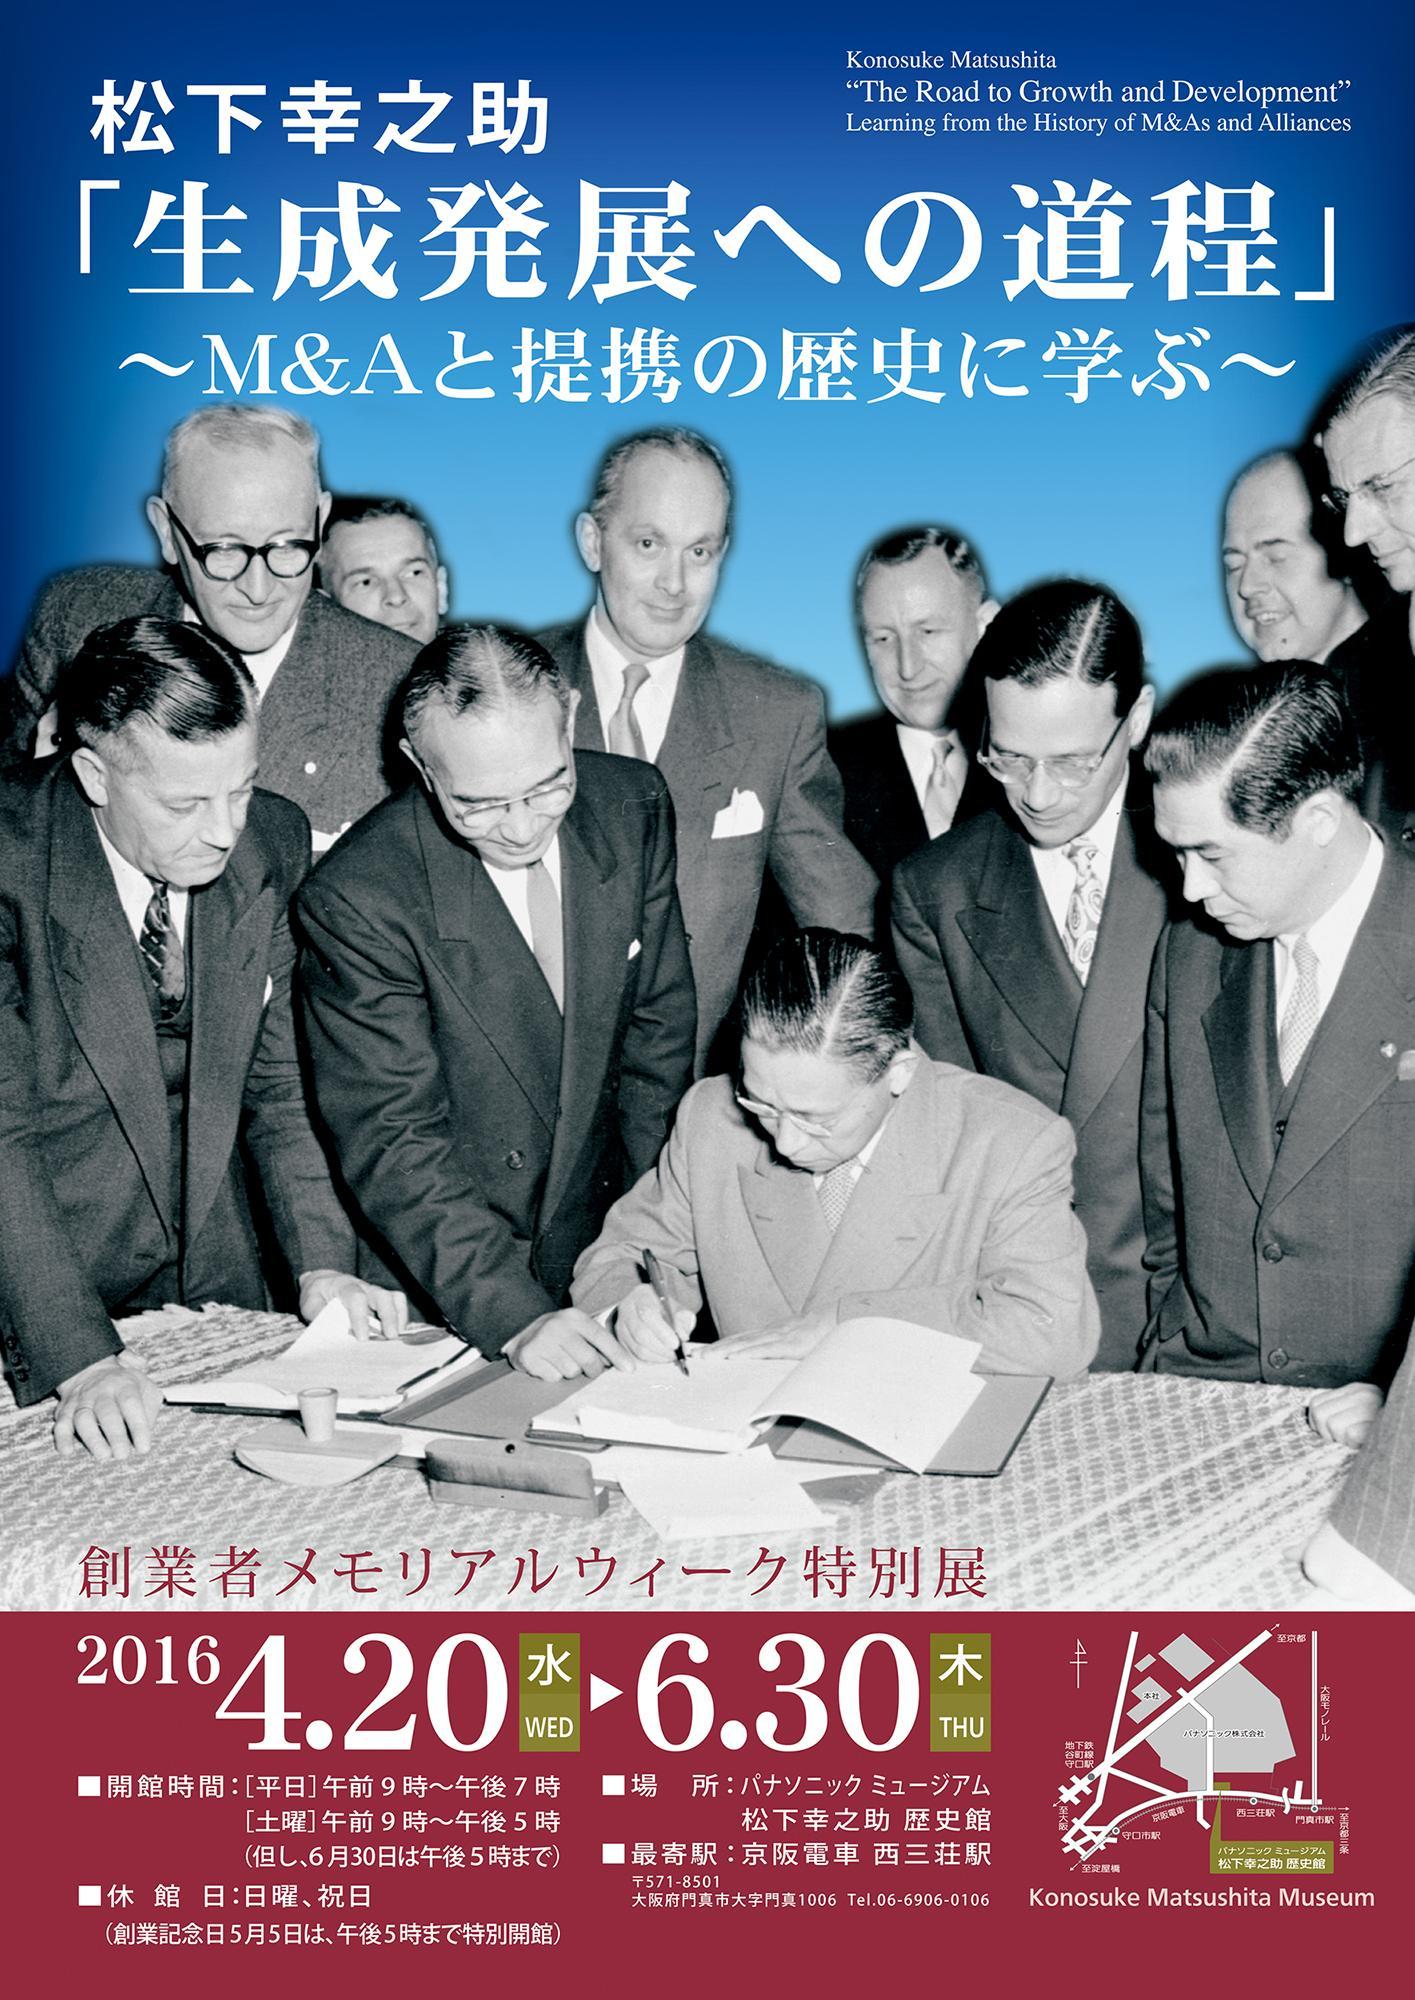 松下幸之助歴史館【特別展】『生成発展への道程~M&Aと提携の歴史に学ぶ~』 6月30日まで開催中